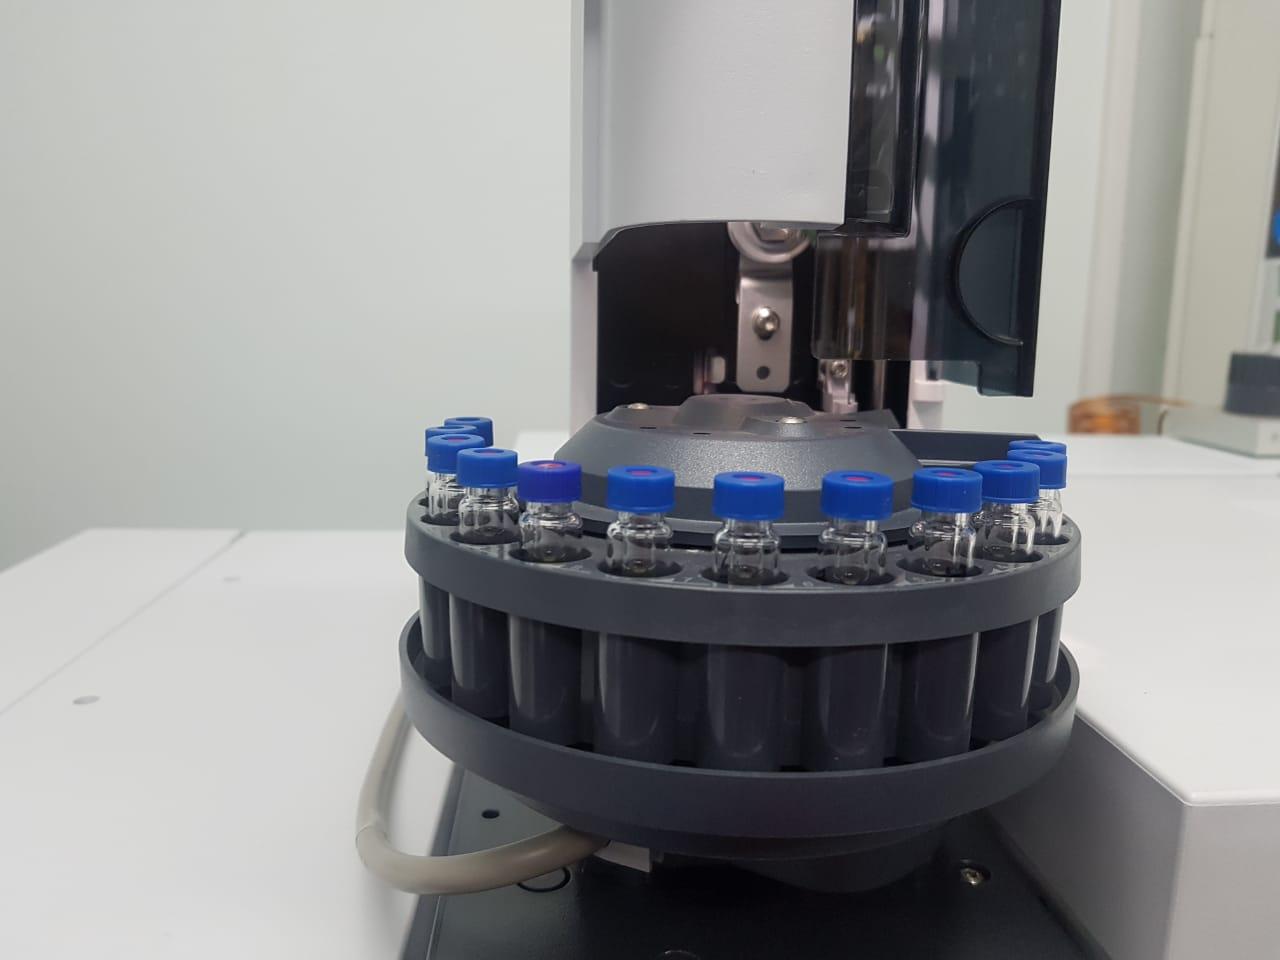 В Липецке появилось оборудование для выявления новых психоактивных веществ — Изображение 1